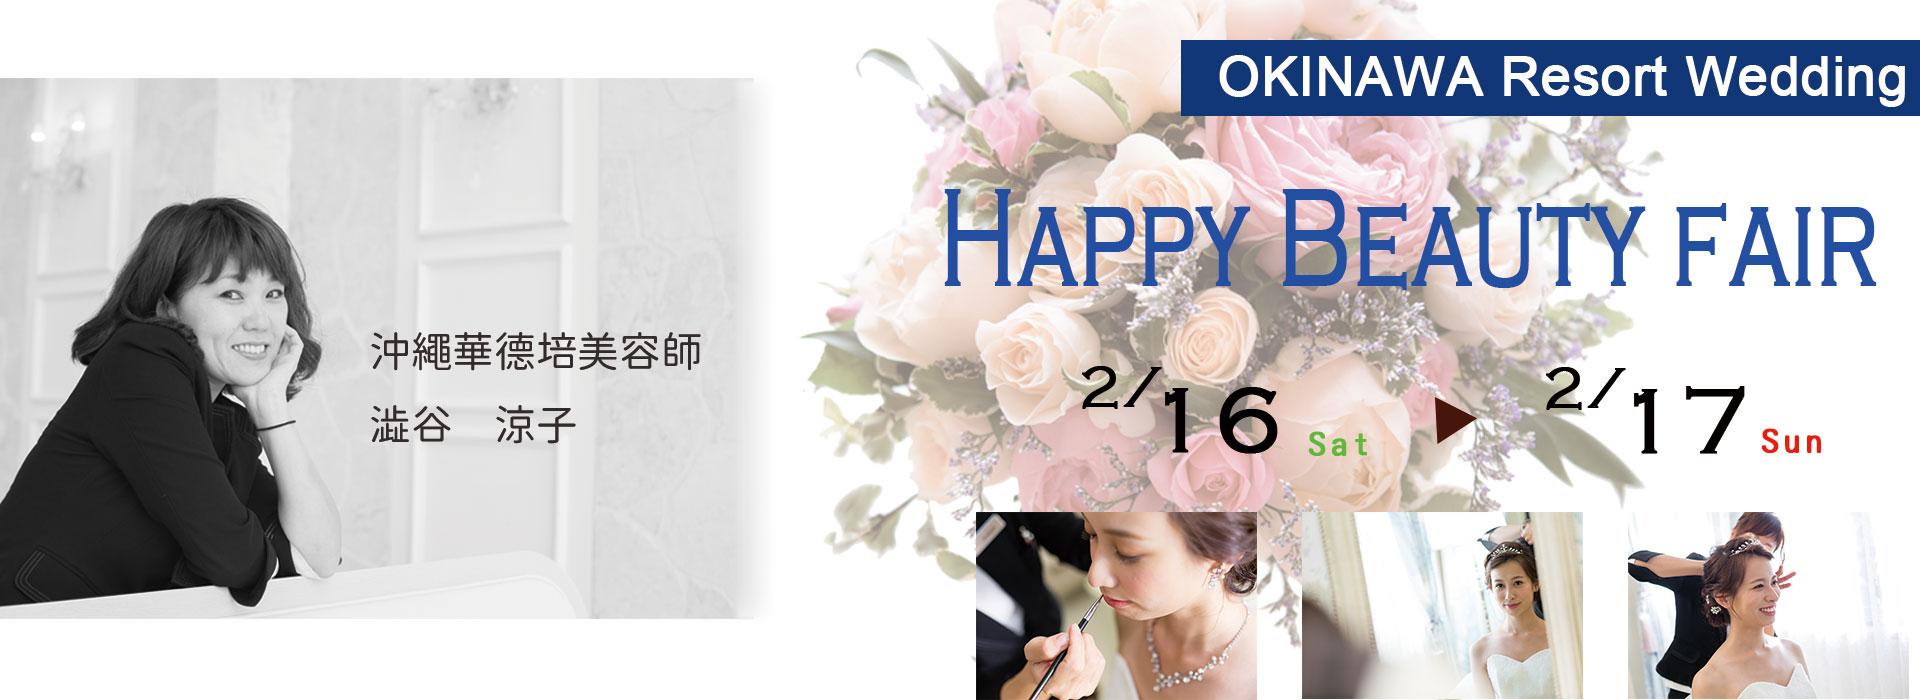 2月16日、17日 ~ Happy Beauty Fair